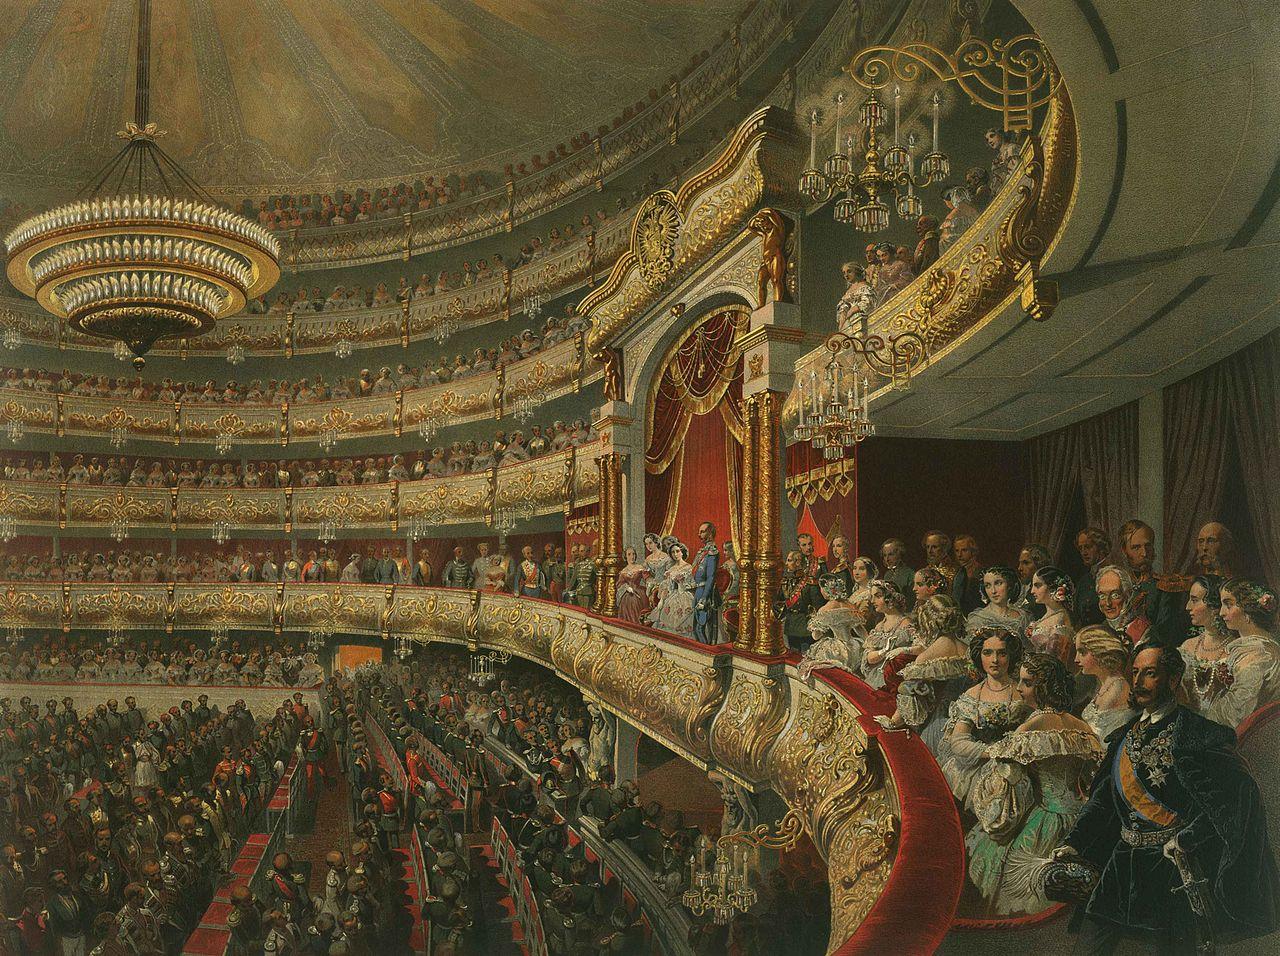 Михаил Зичи. Вид на царскую ложу Большого театра. 1856